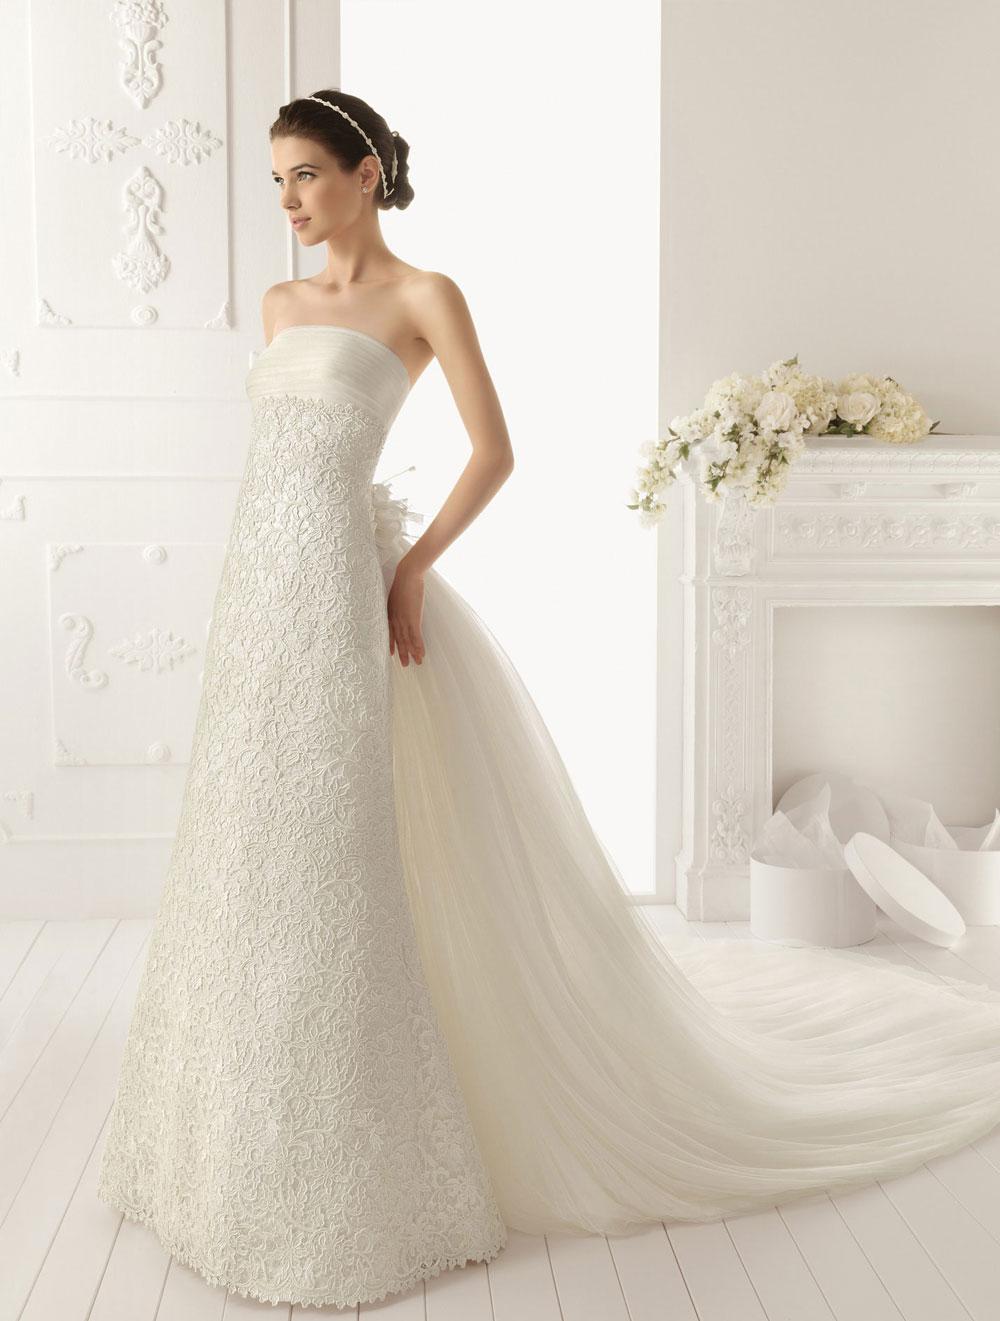 Vestidos de novia modernos con pedreria cortos